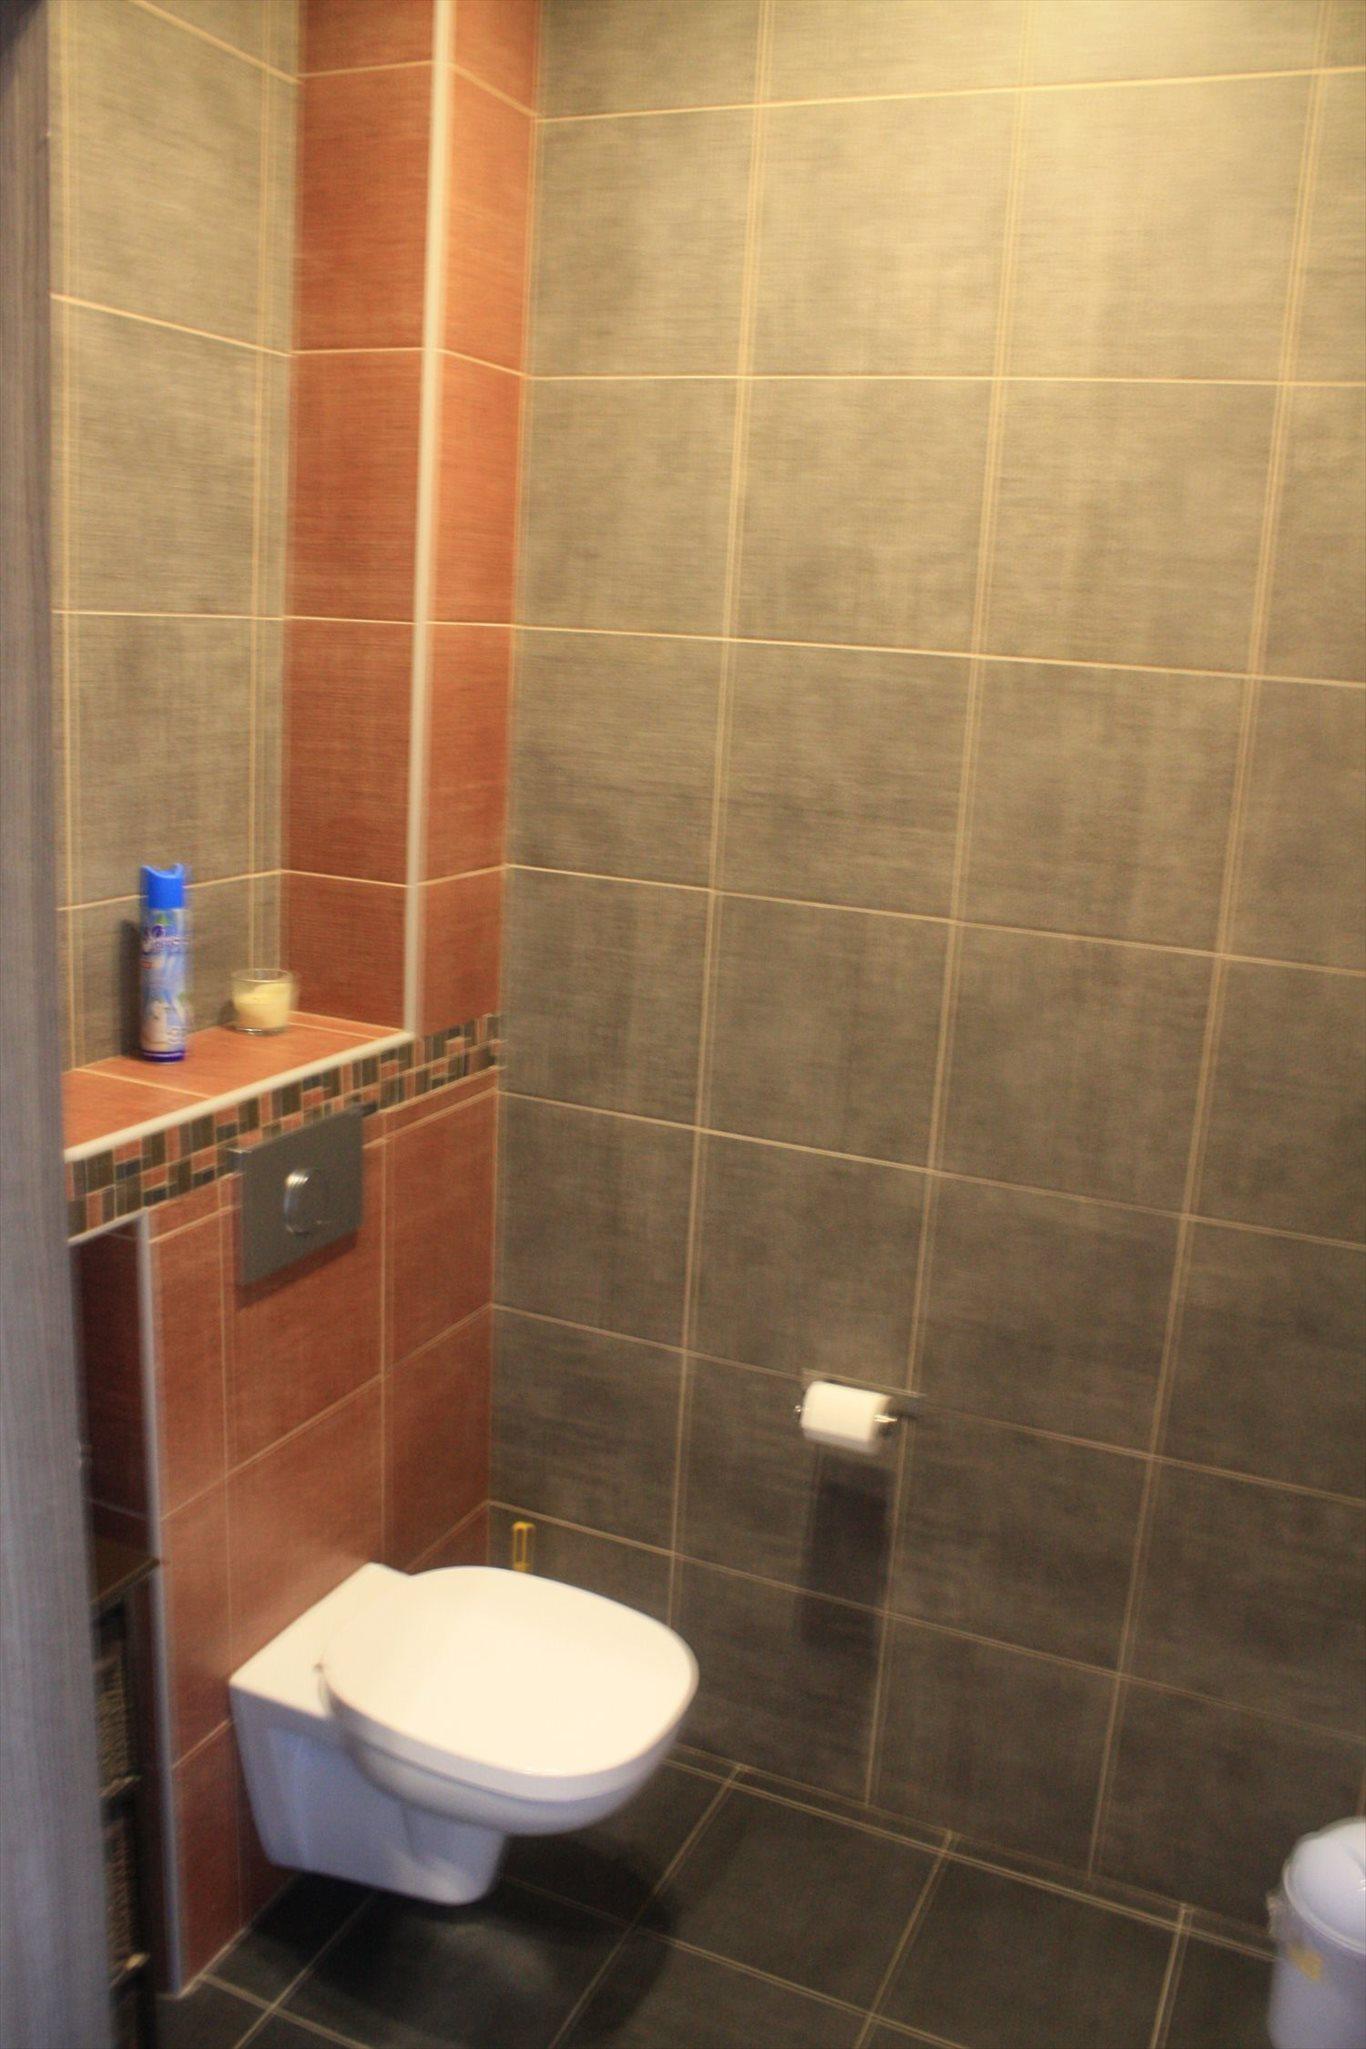 Lokal użytkowy na sprzedaż Poznań, Nowe Miasto, Marlewo, Ćmielowska 12  229m2 Foto 6